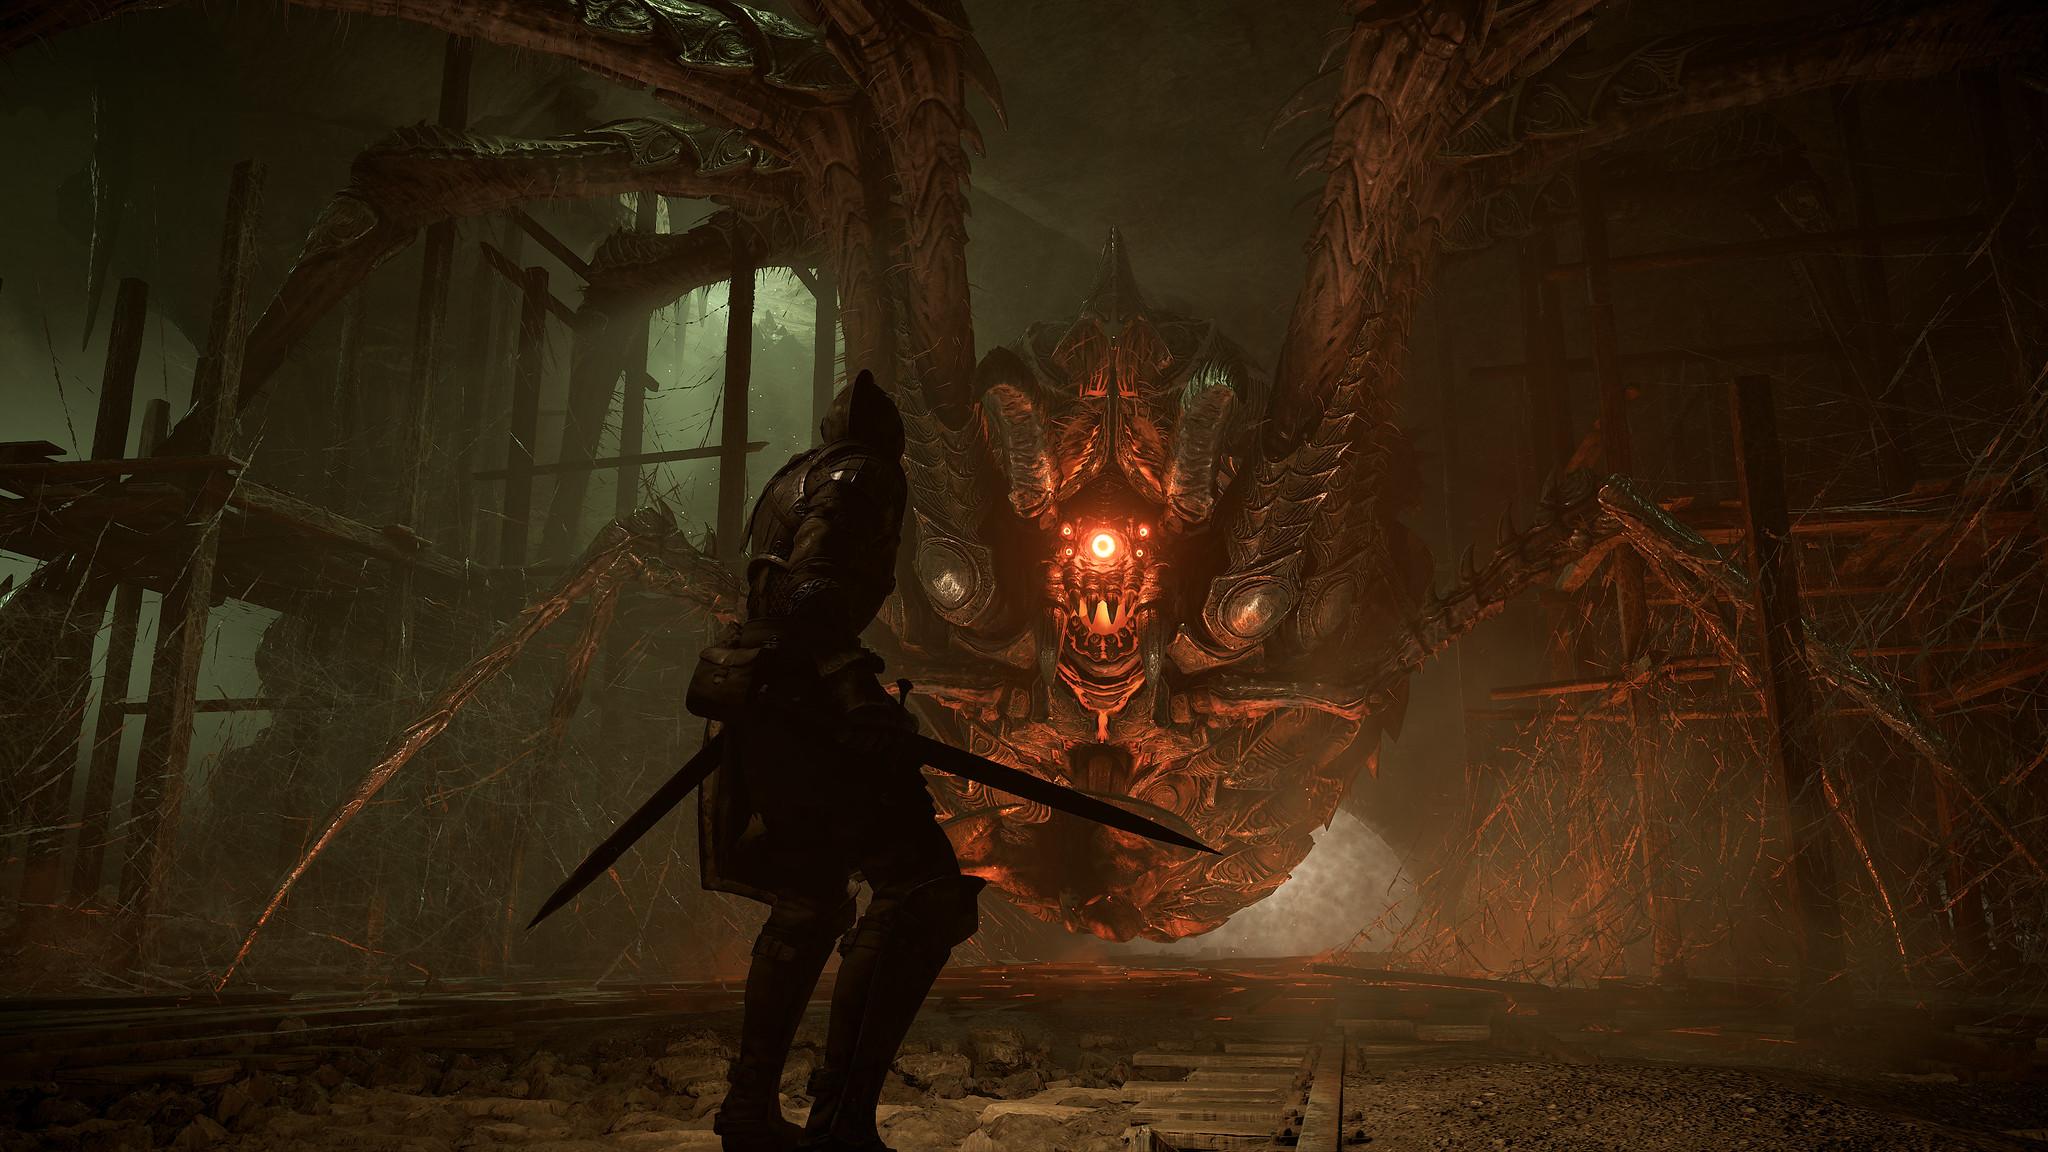 A big spider friend in a Demon's Souls screenshot.